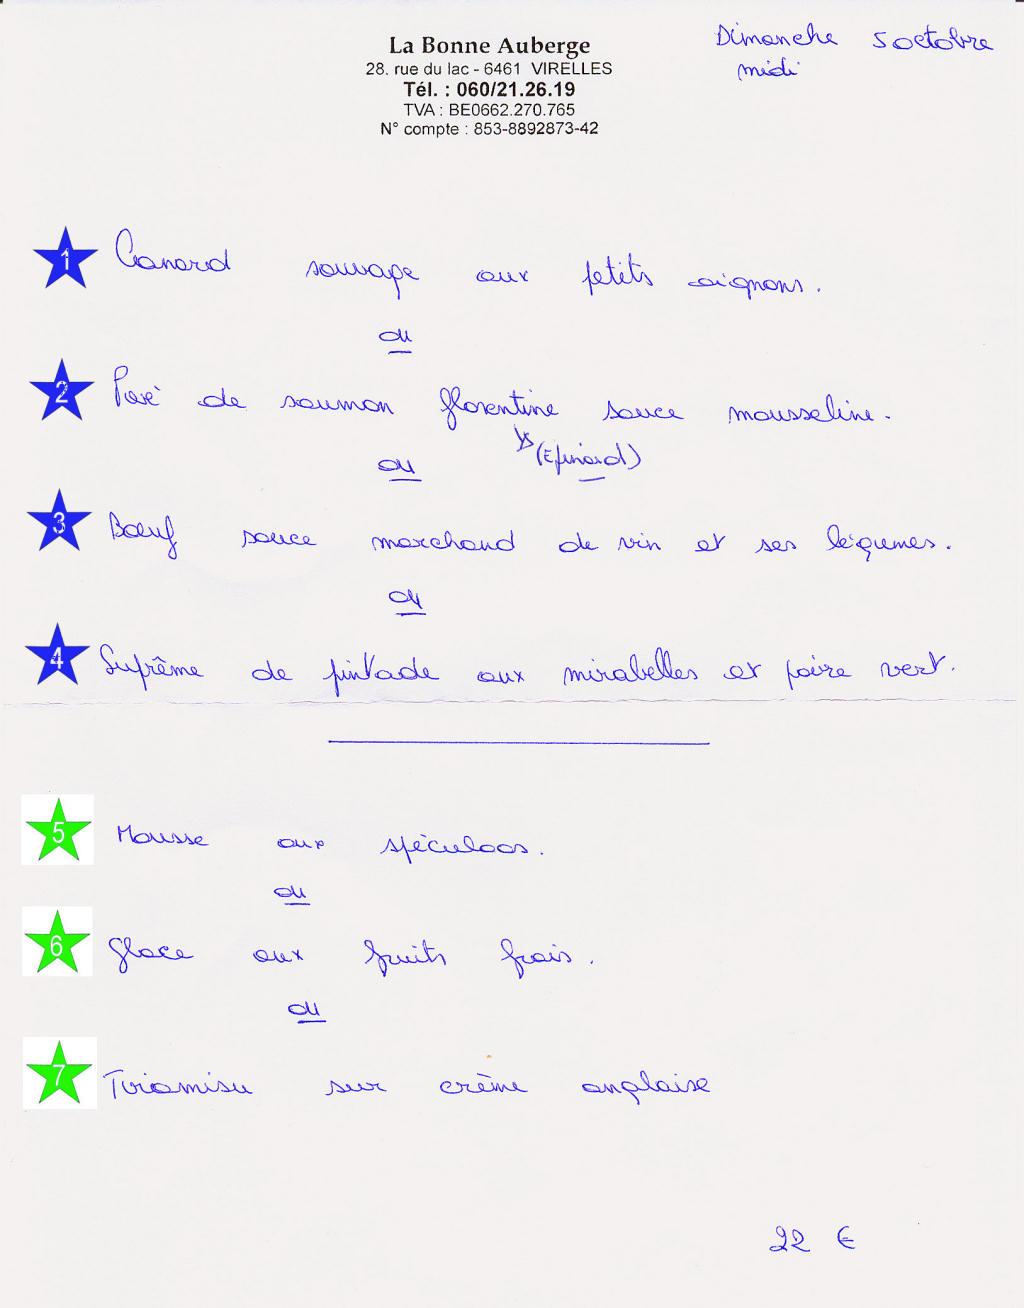 http://www.forumpassat.fr/uploads/11_11_menu_meeting4.jpg